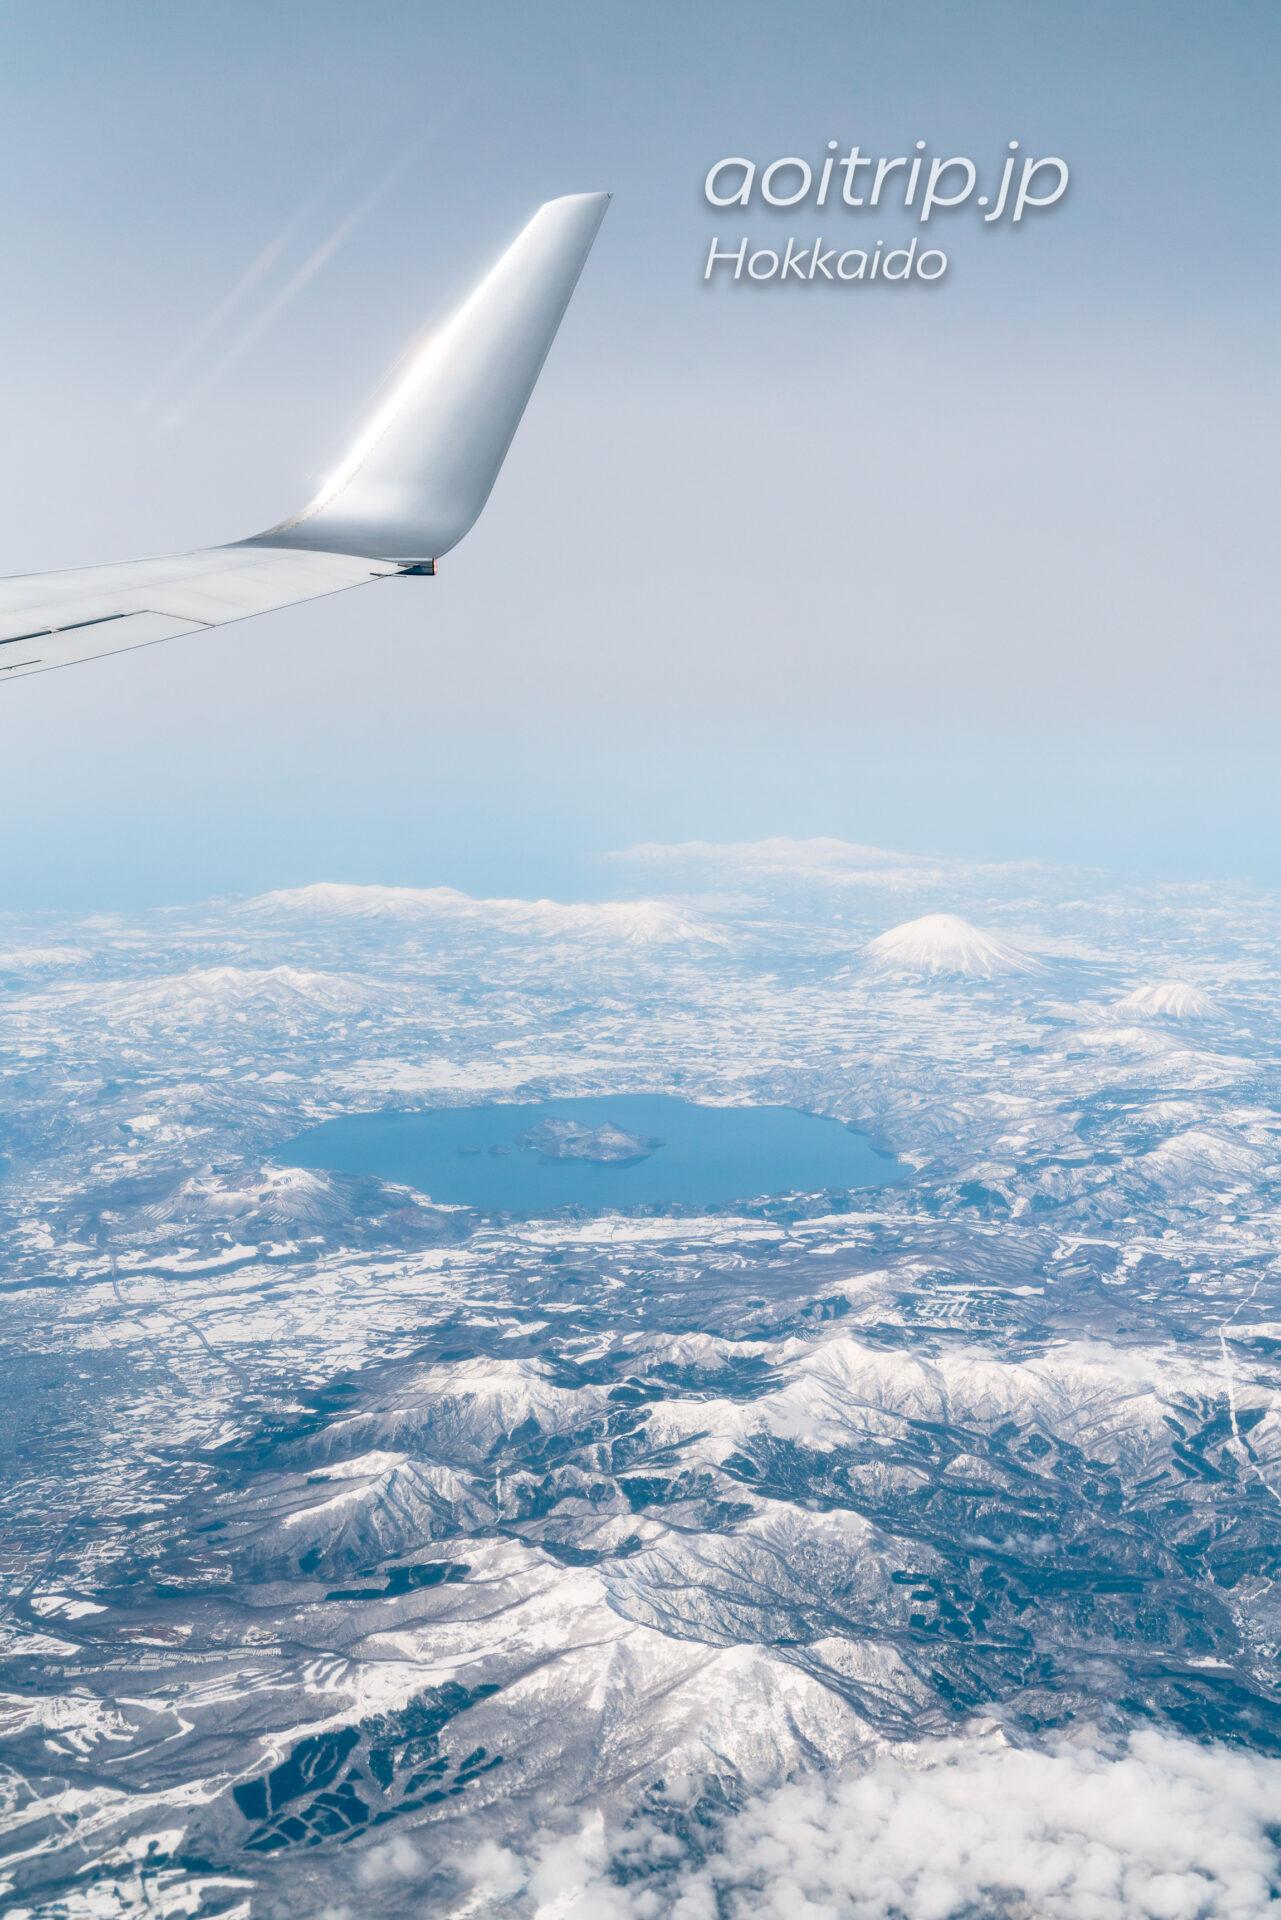 北海道の航空写真 飛行機の窓から 3月 支笏洞爺国立公園の眺望 洞爺湖